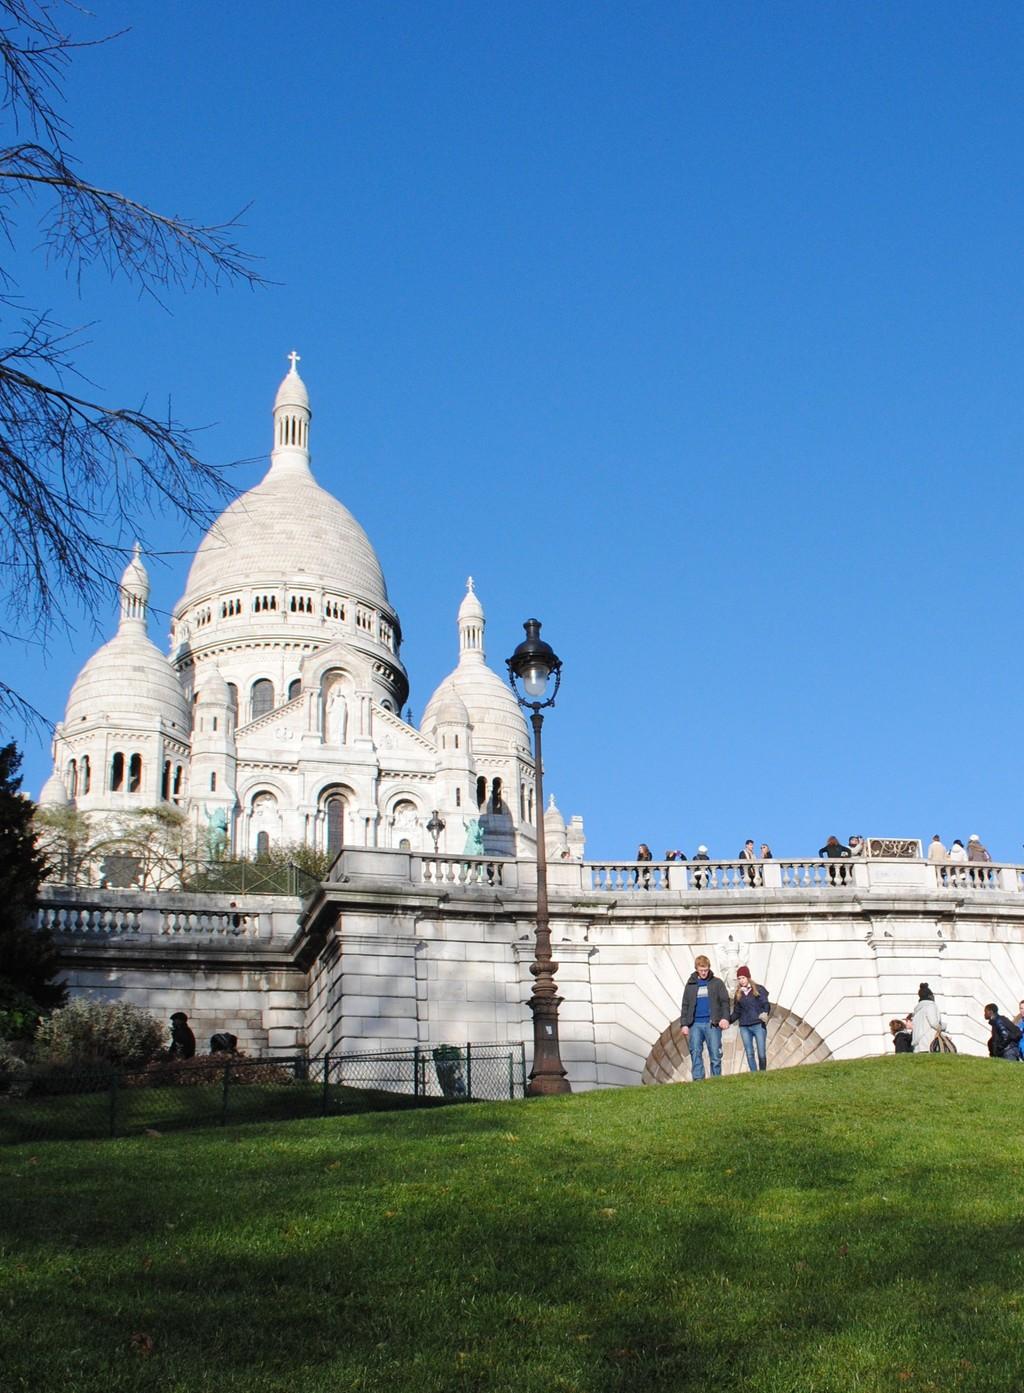 el-templo-blanco-de-montmartre-7b881a5ed